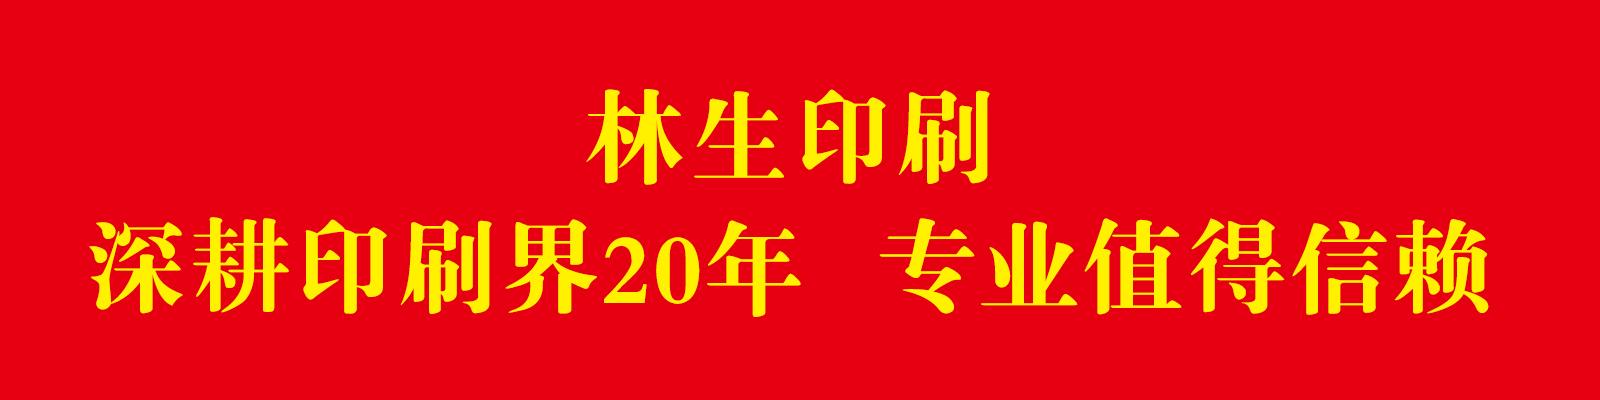 上海林生印刷科技有限公司